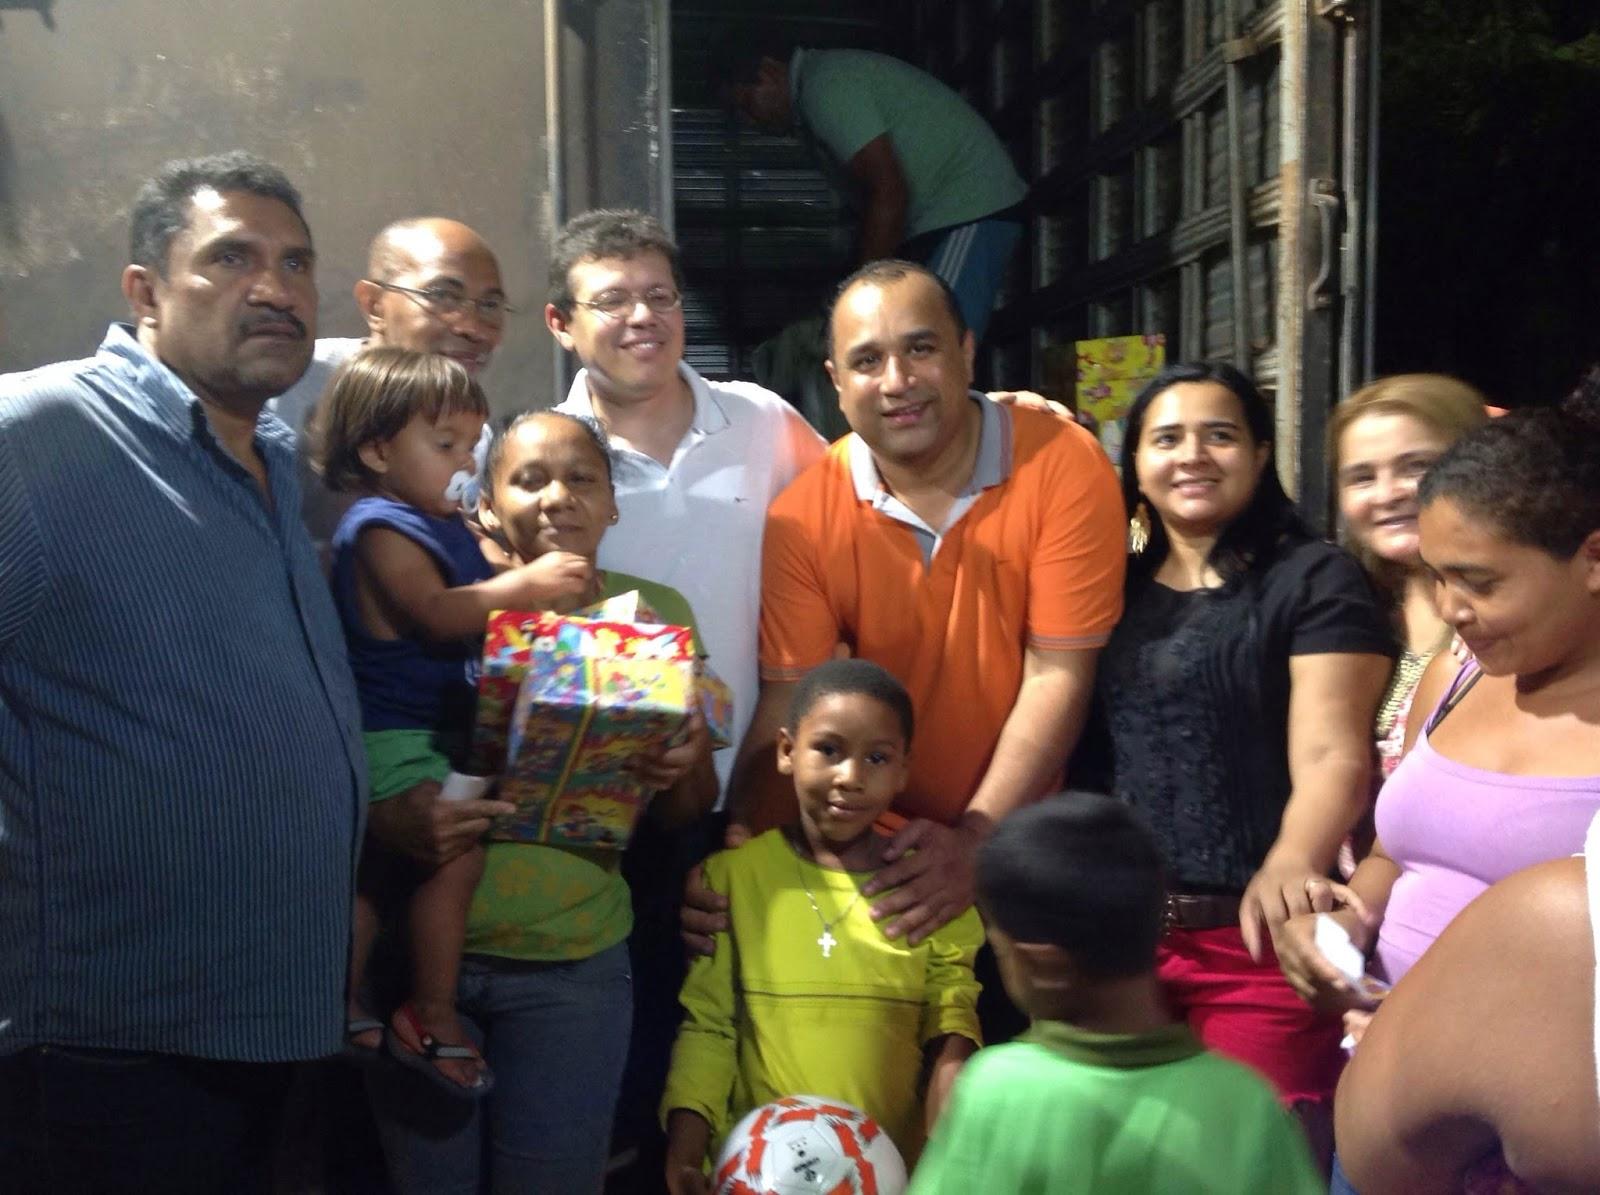 MÊS DAS CRIANÇAS! Caravana Da Criança De Roberto Costa